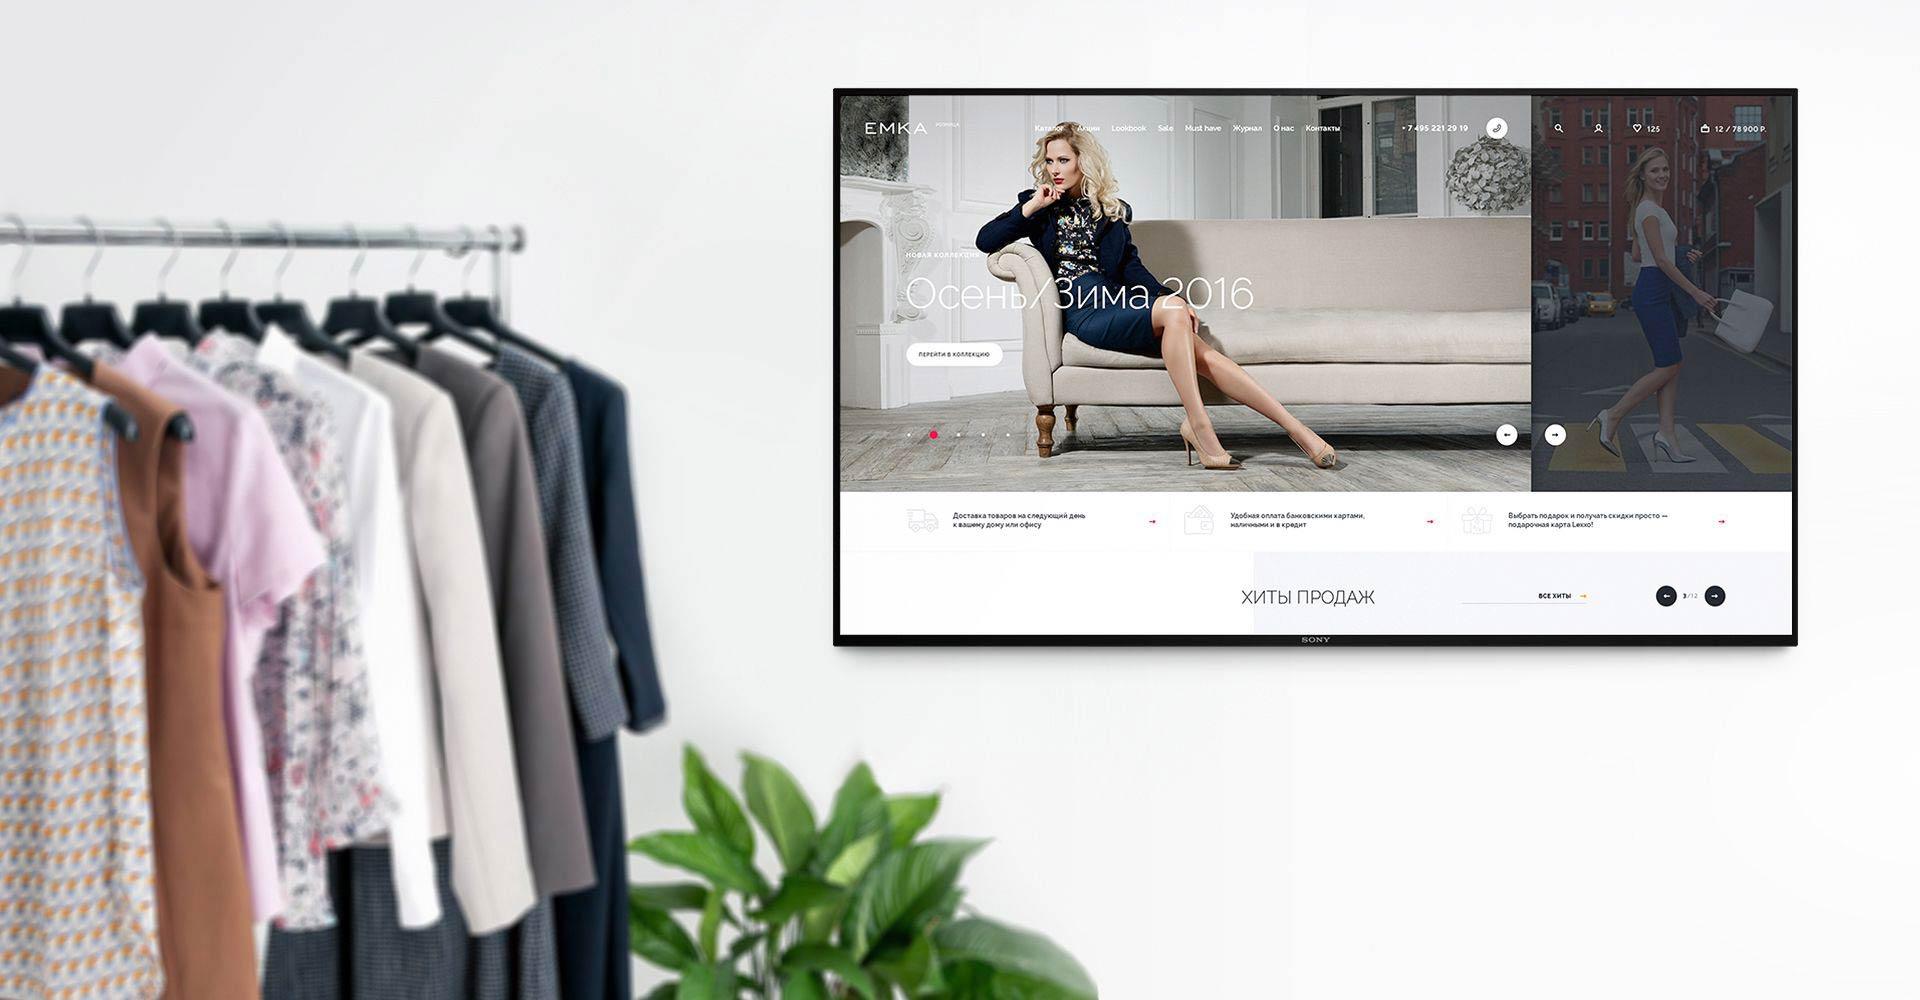 Розничный интернет-магазин женской одежды Emka emkashop.ru